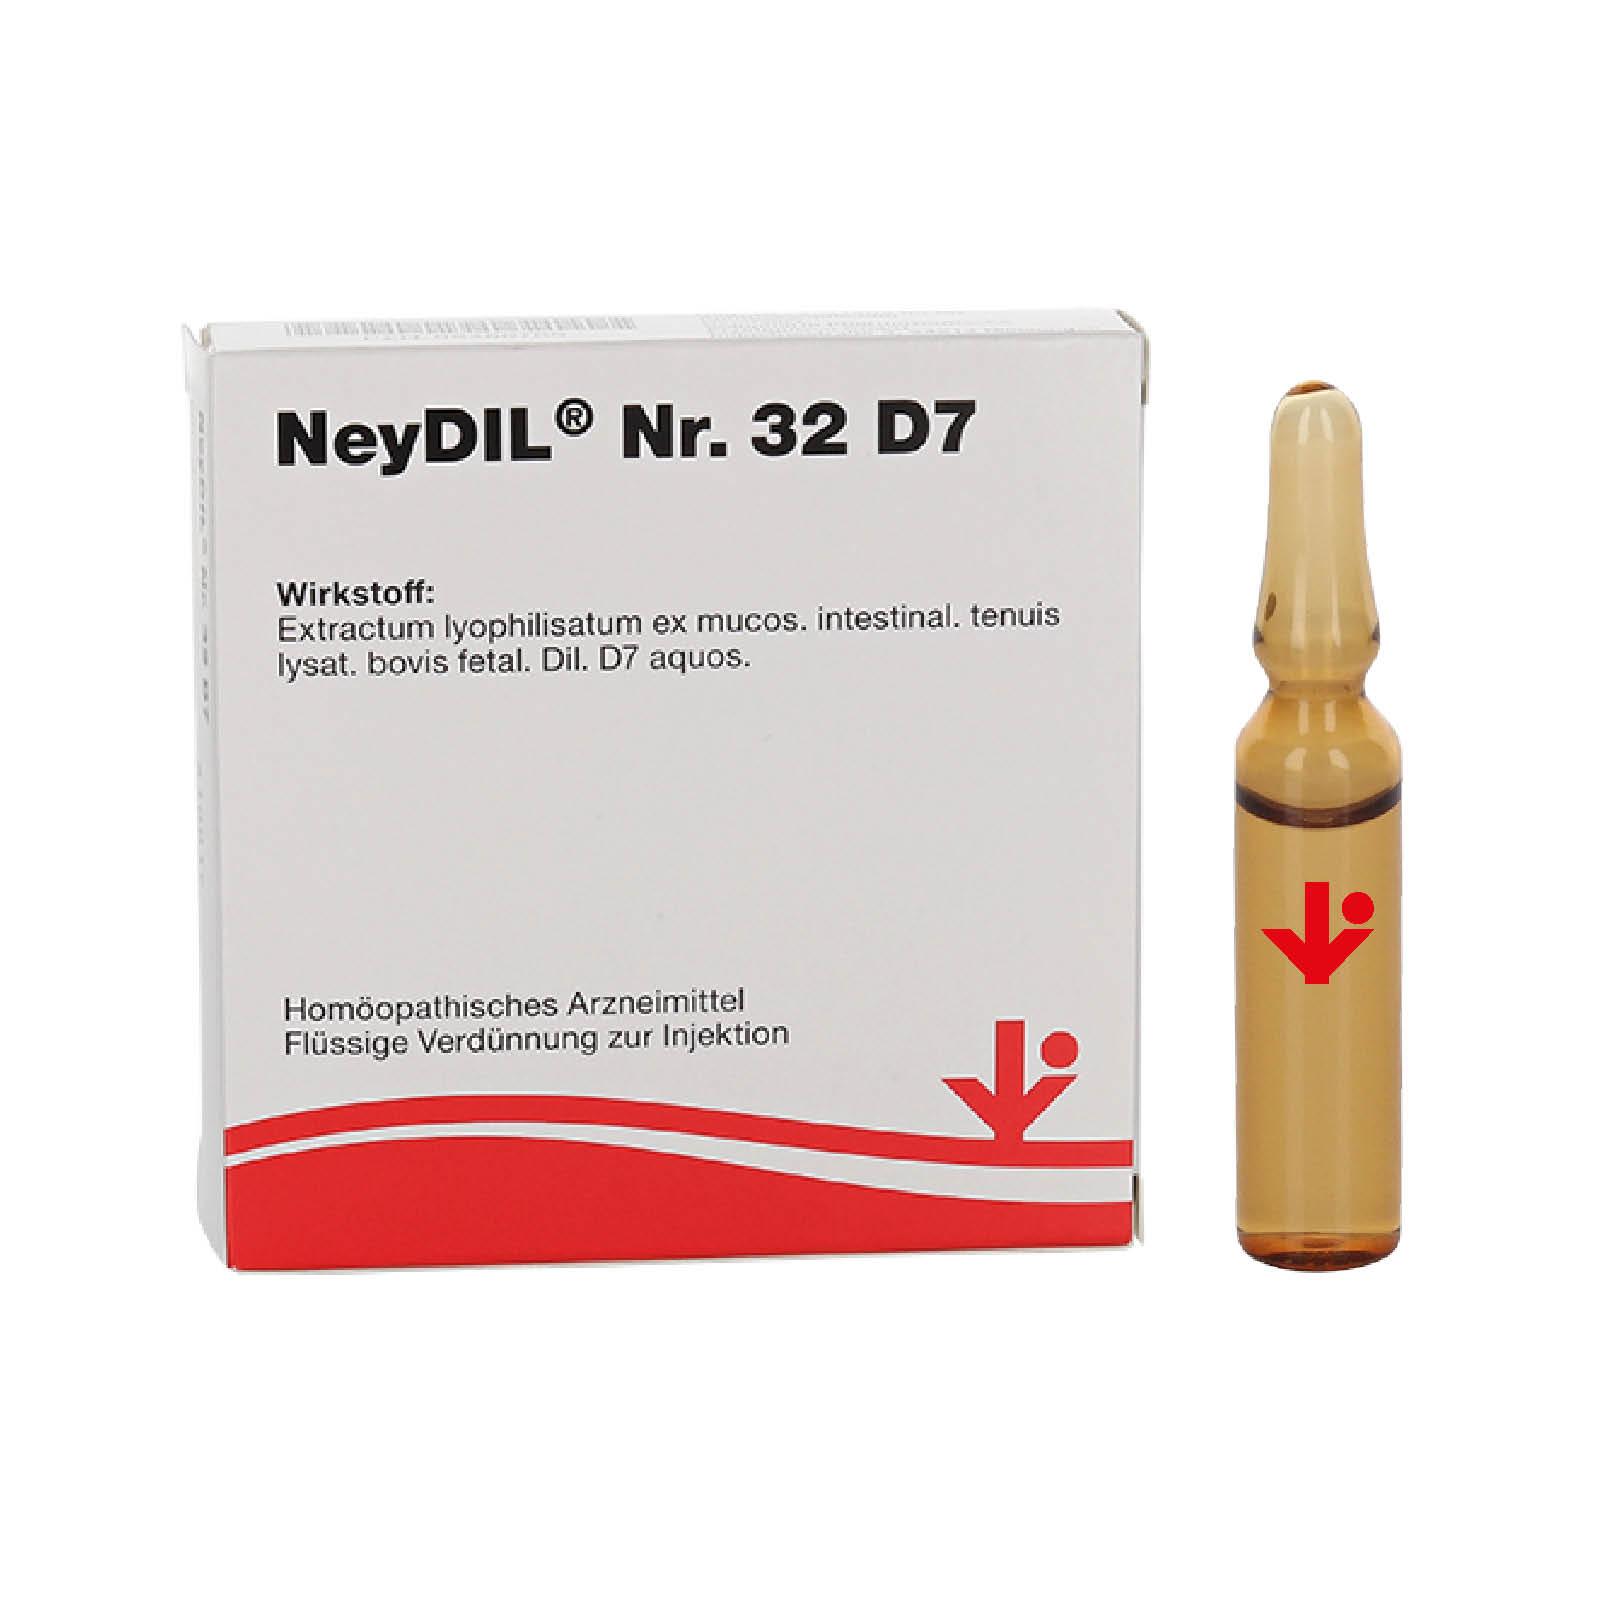 NeyDIL® Nr. 32 D7